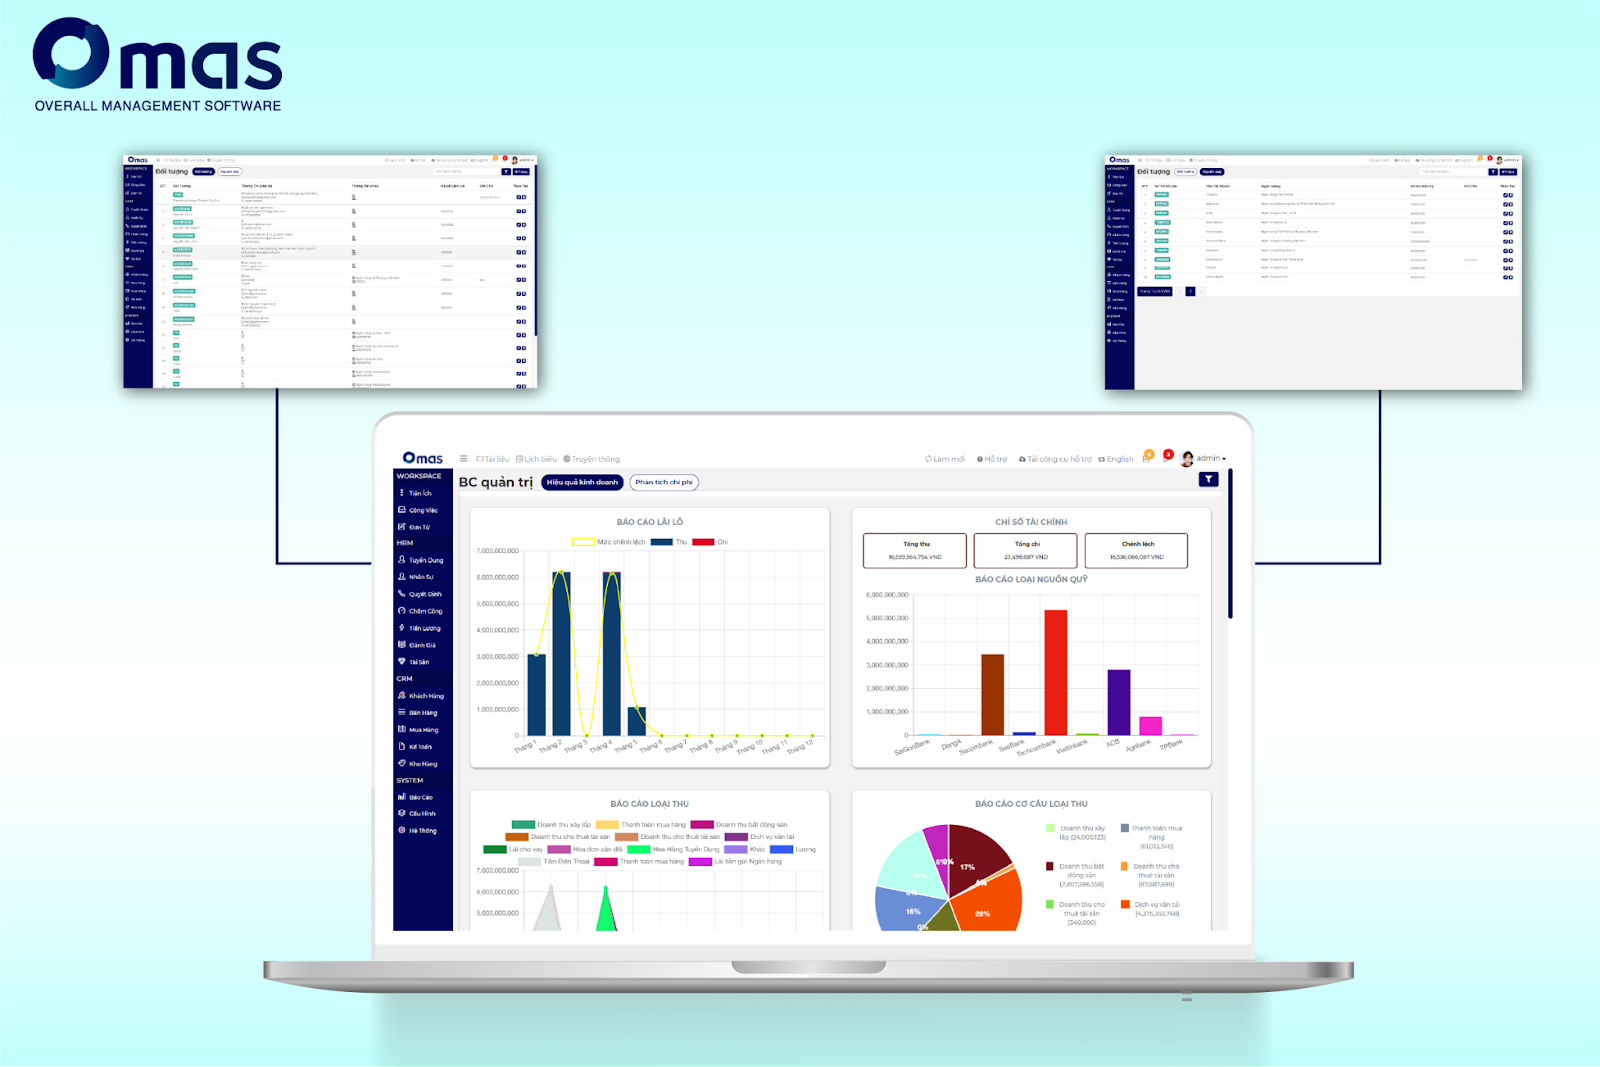 Omas với phân hệ CRM giúp quản lý chi phí tối ưu cho doanh nghiệp